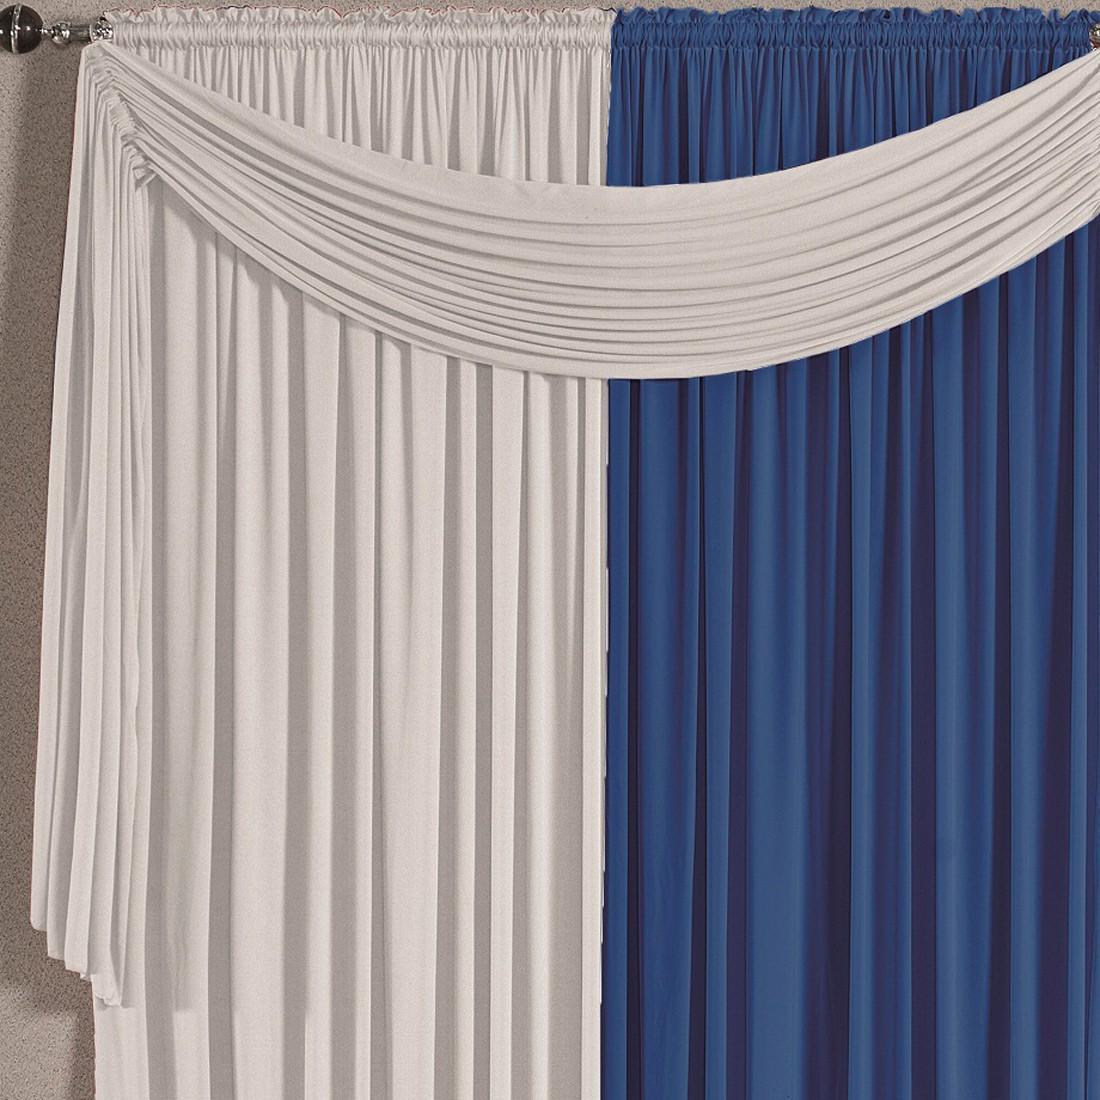 Cortina Versatty Azul/Branco 3,00m X 2,60m p/ Varão Simples